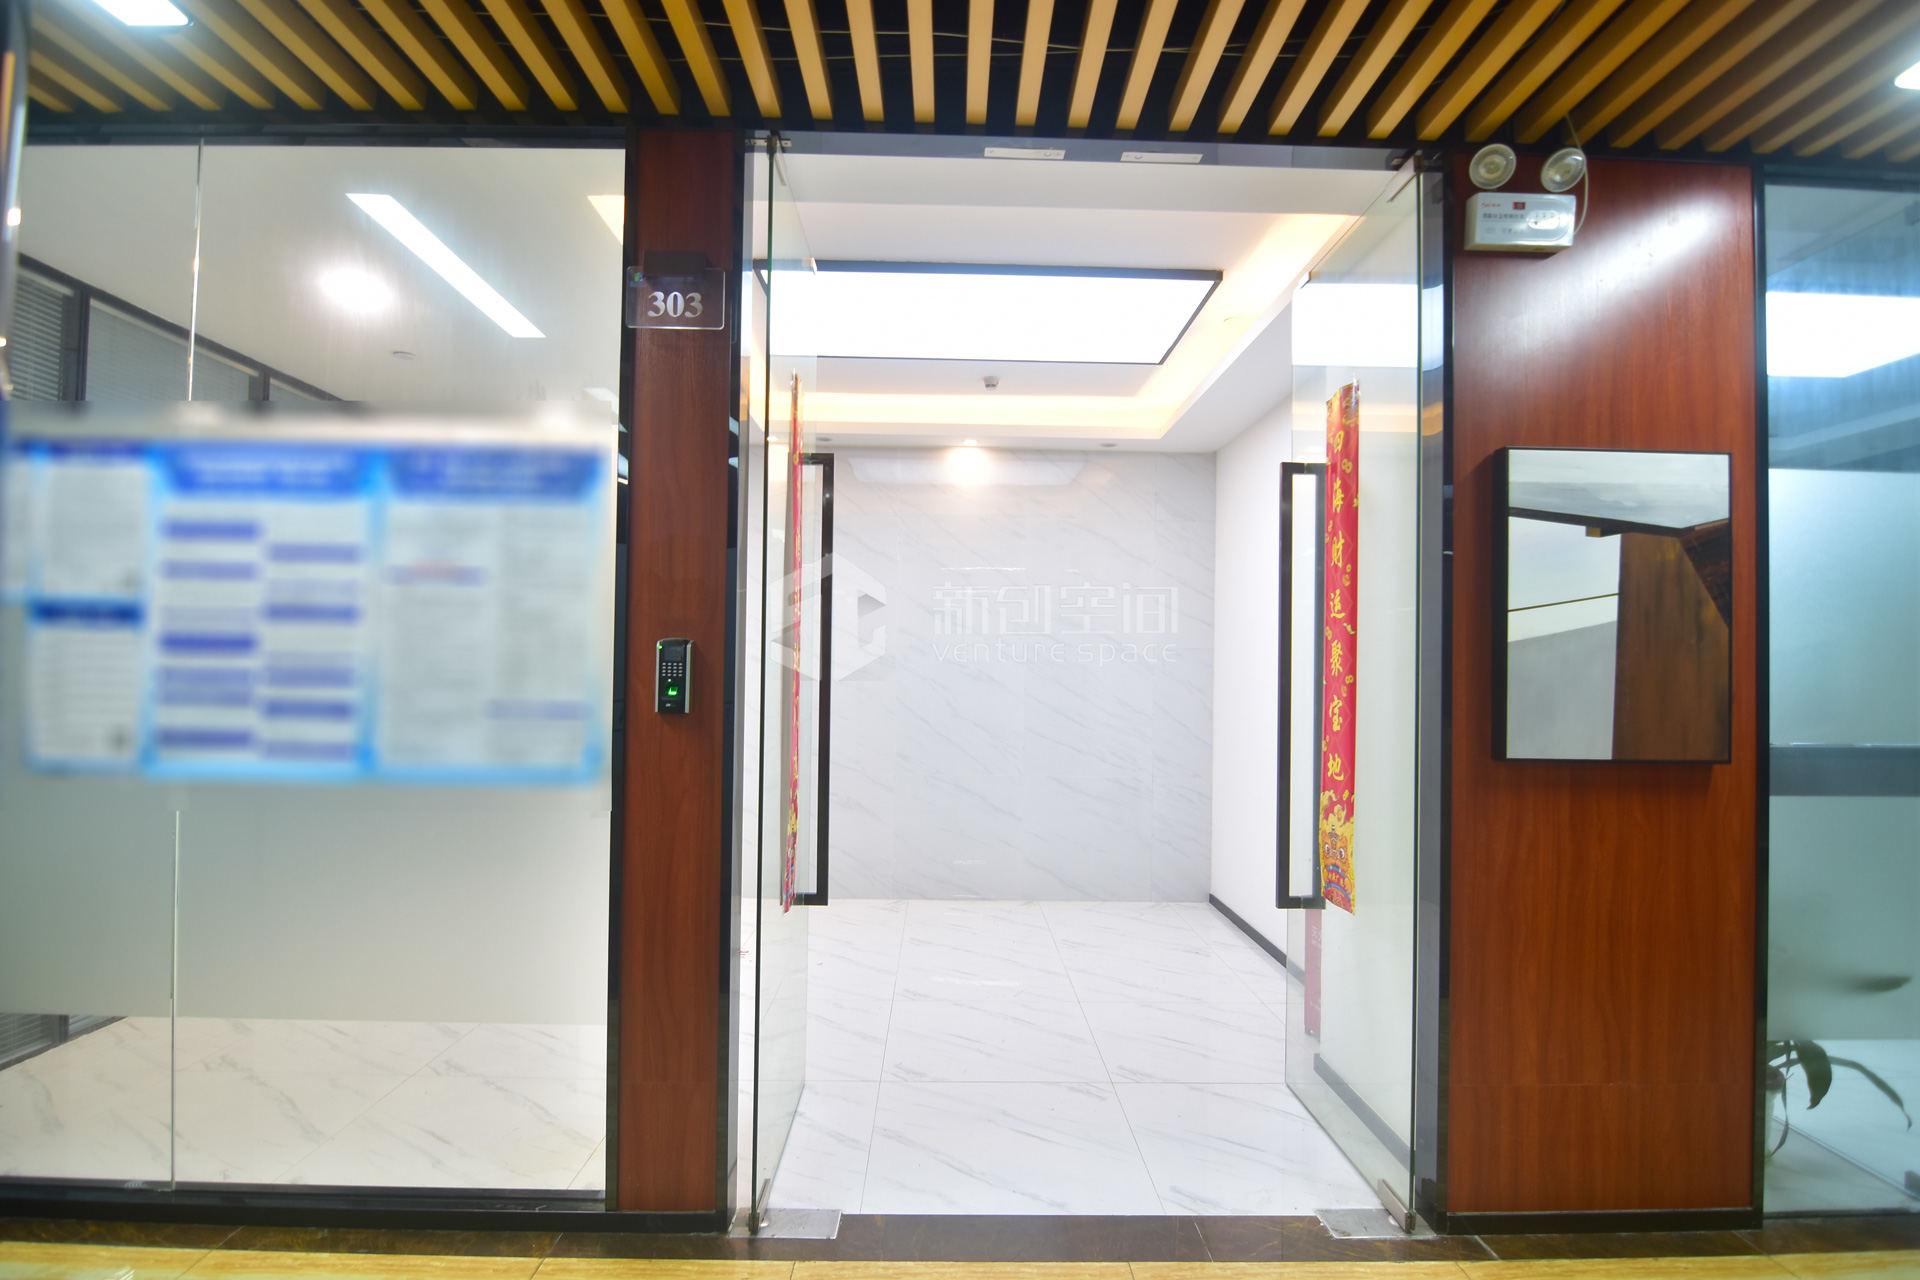 375m²·南山云谷创新产业园-山水楼